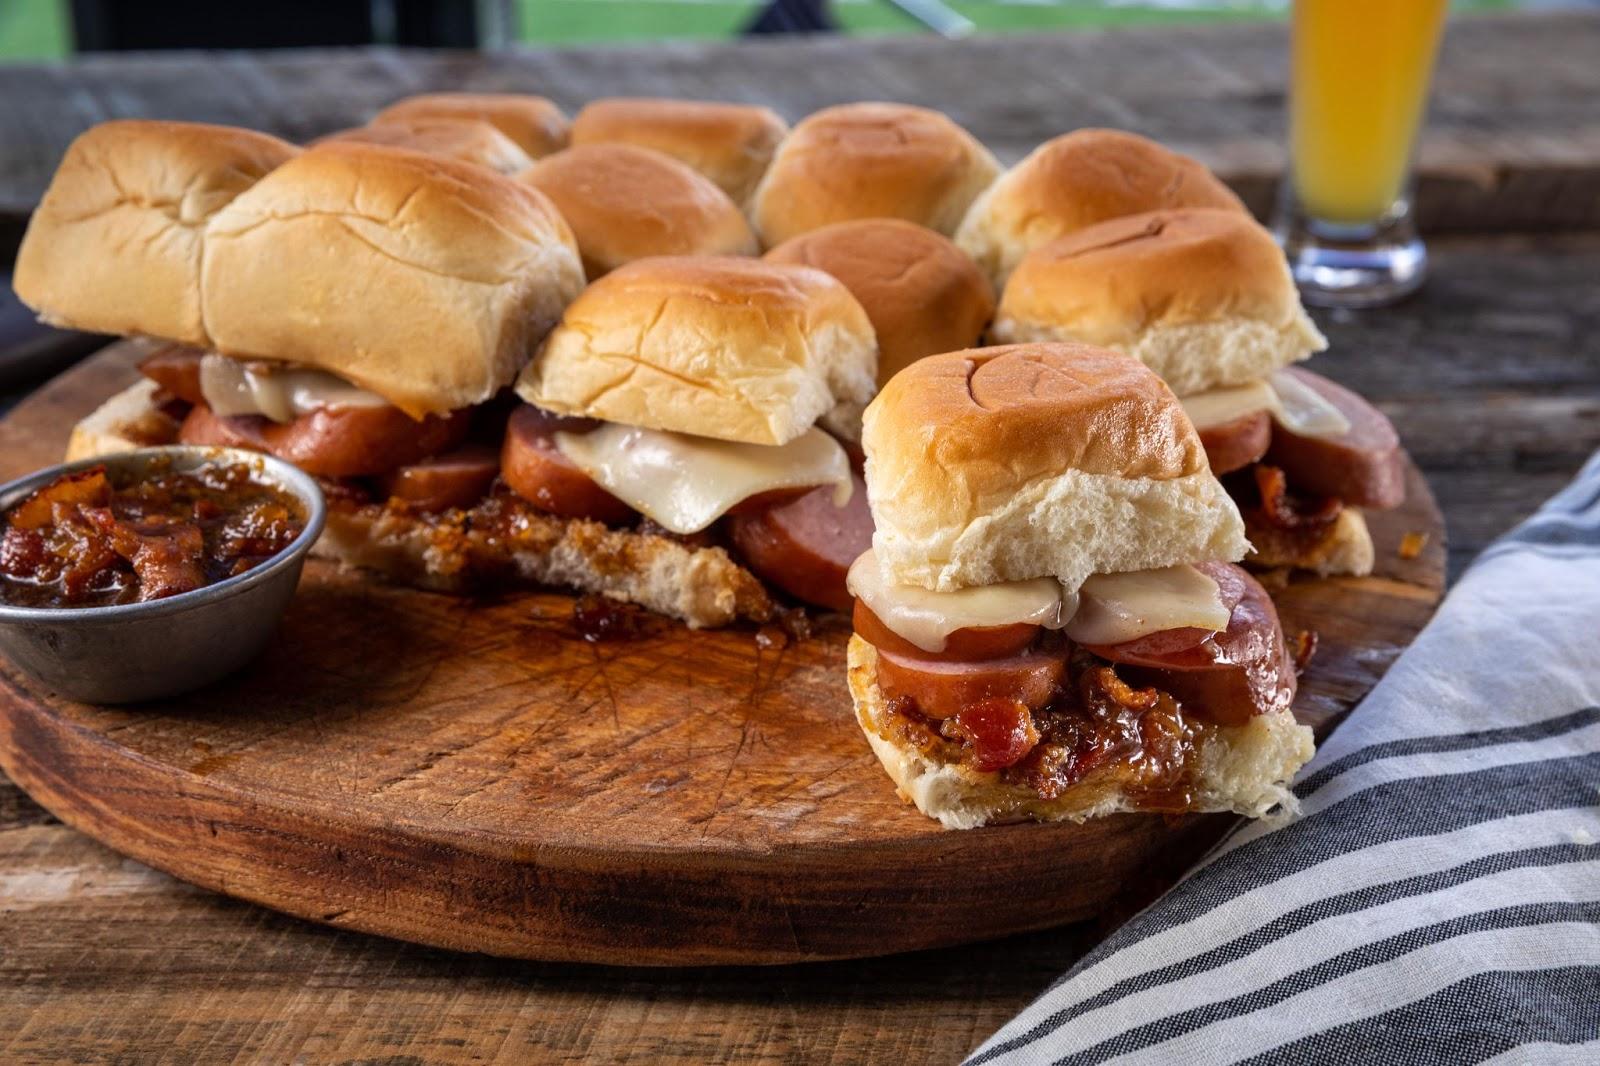 photo of sausage slider sandwiches